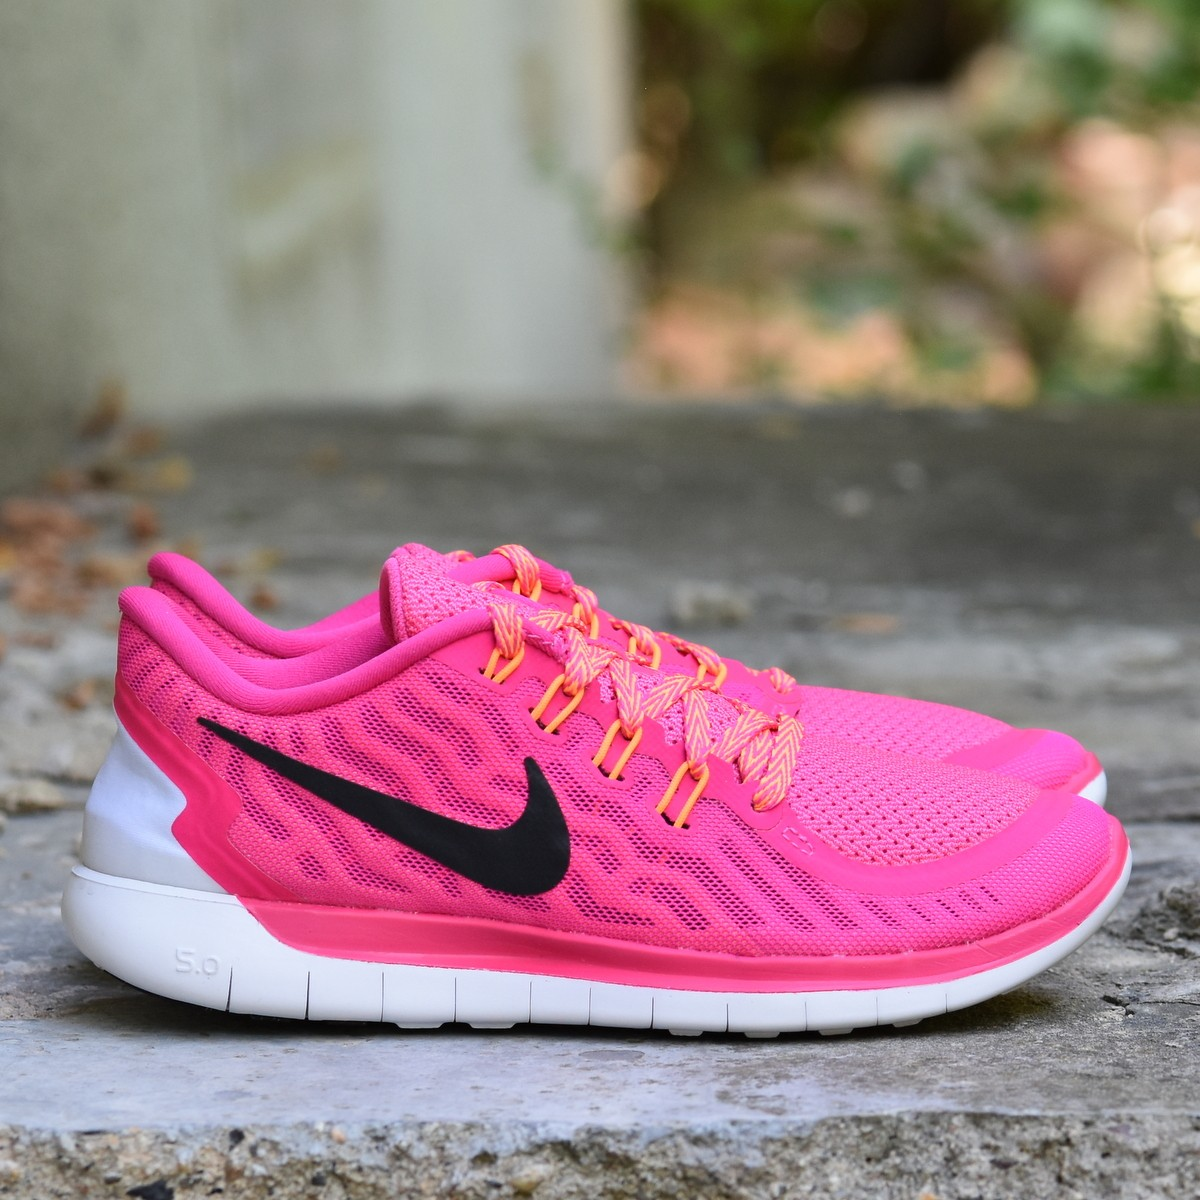 Nike WMNS FREE 5.0 Dámské boty EU 36 724383-600 2f99bc2910